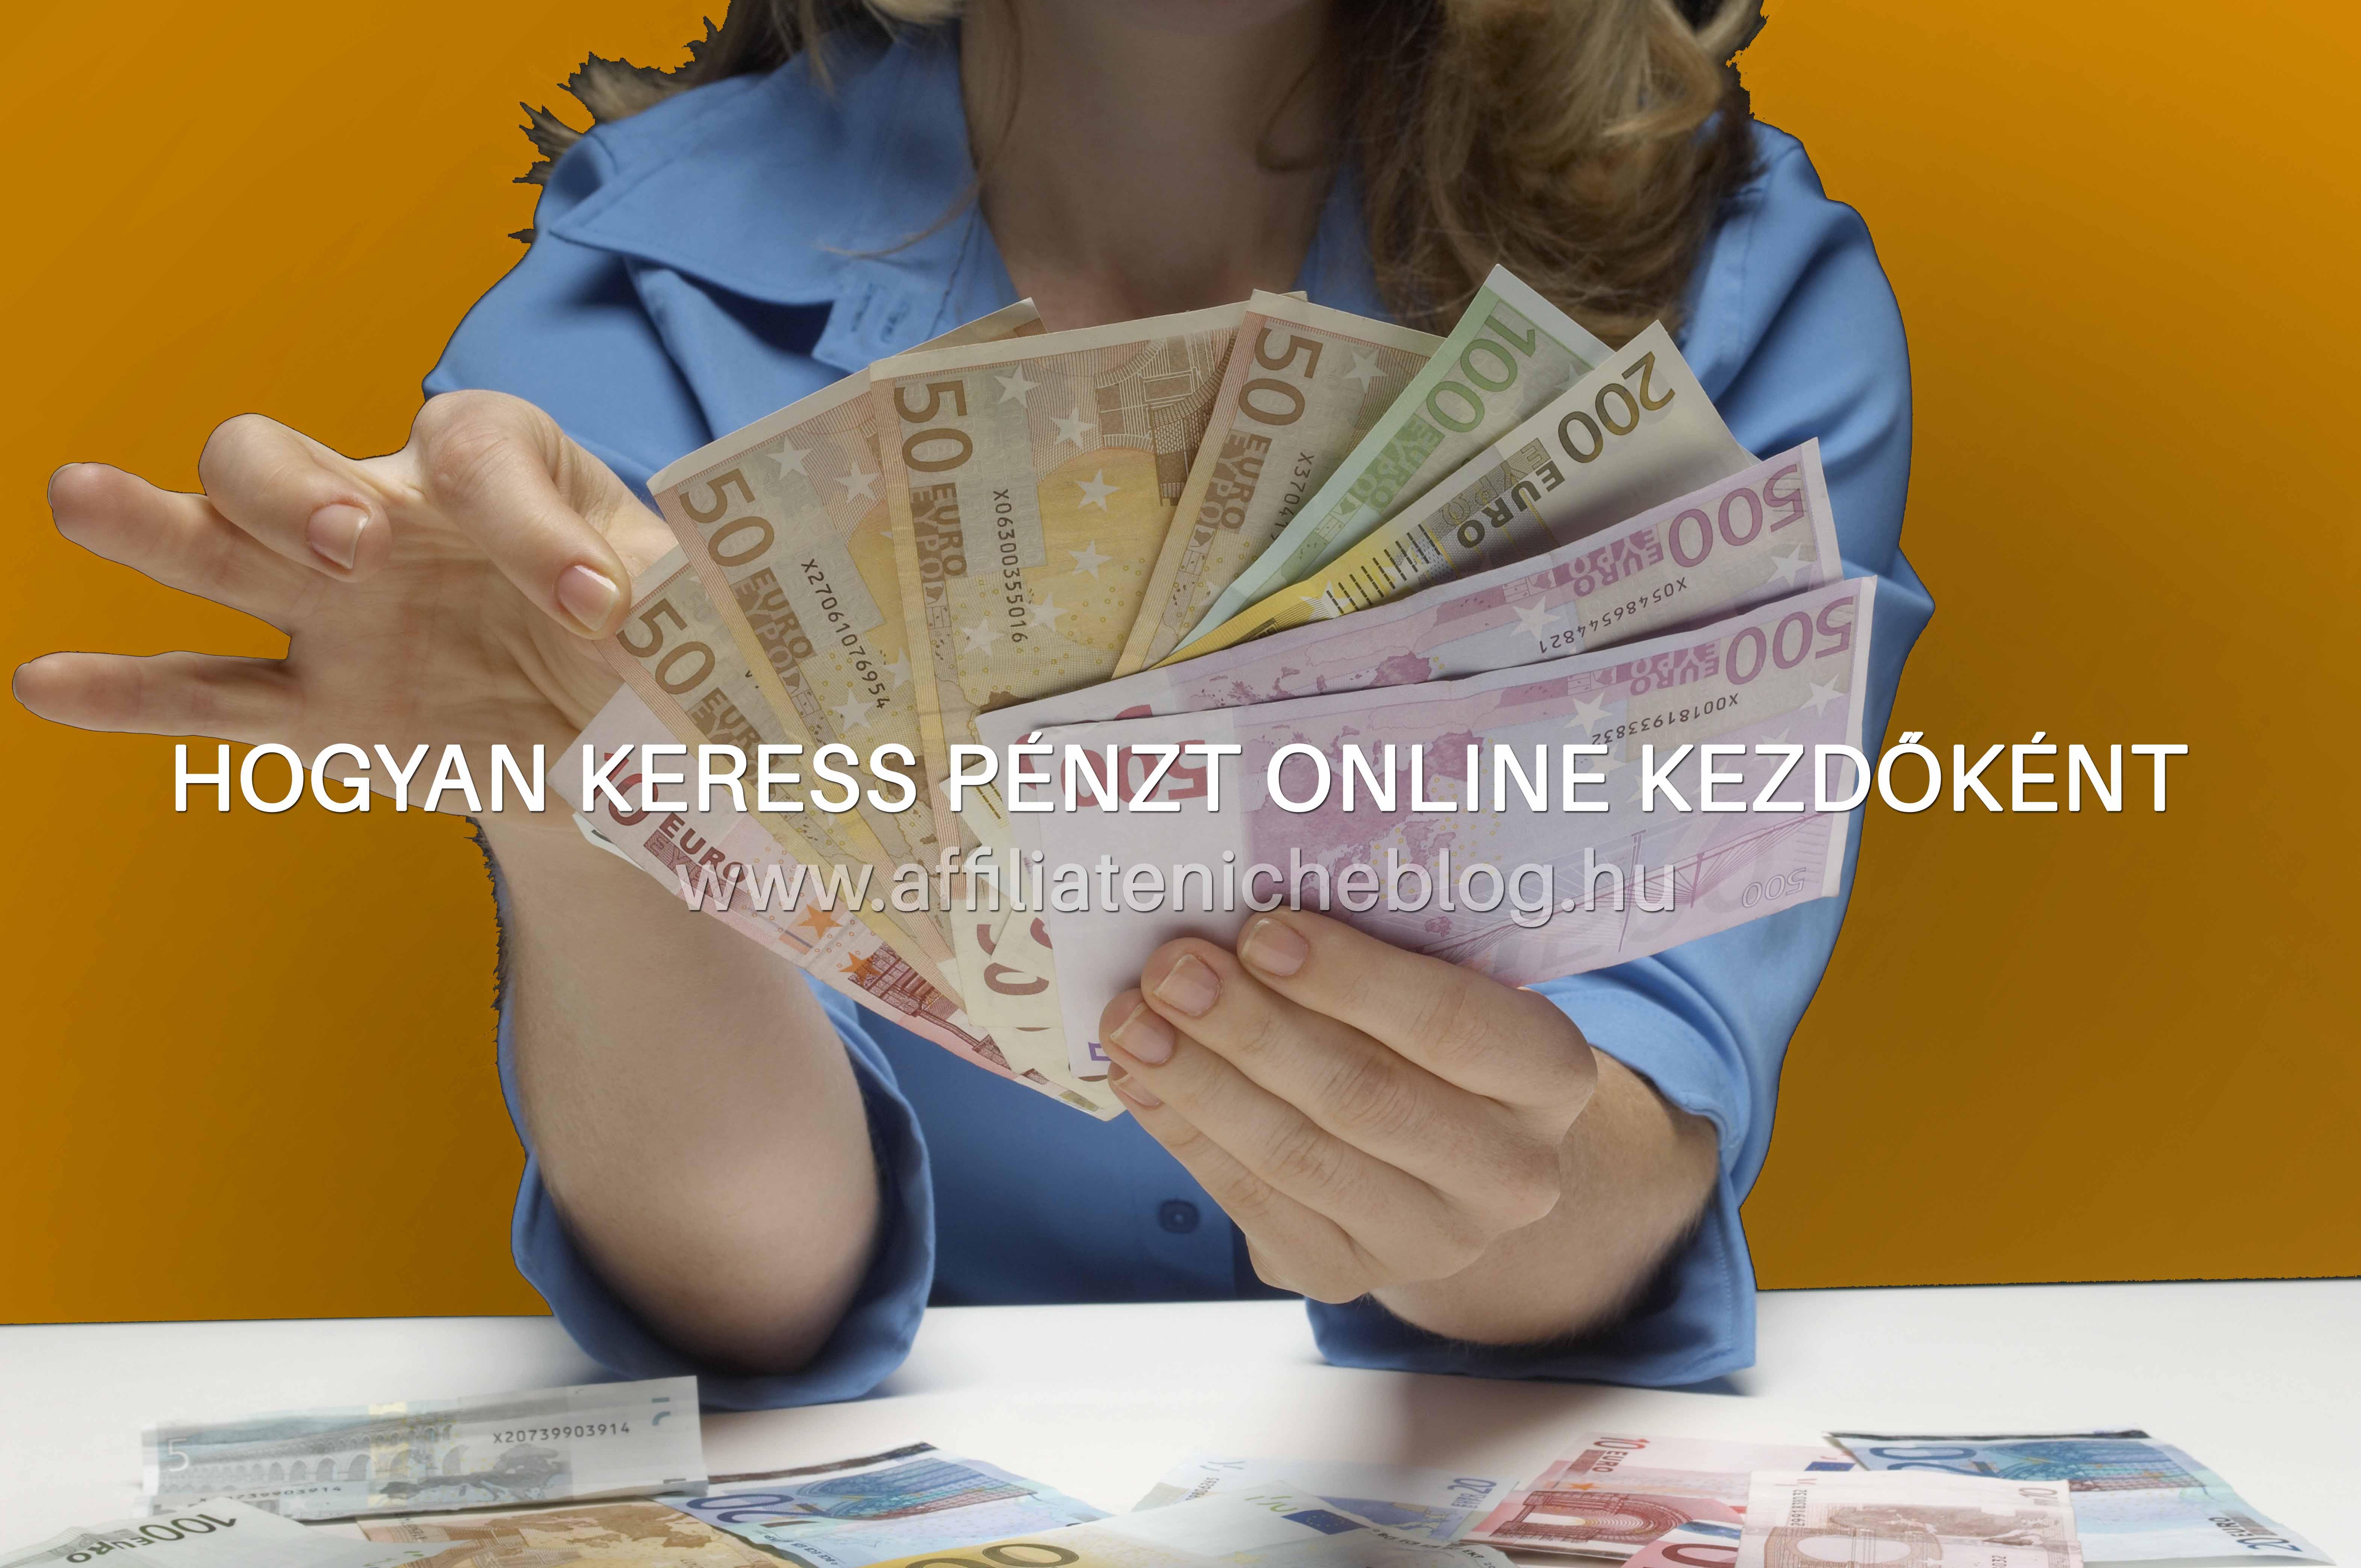 pénzt kereshet az interneten)